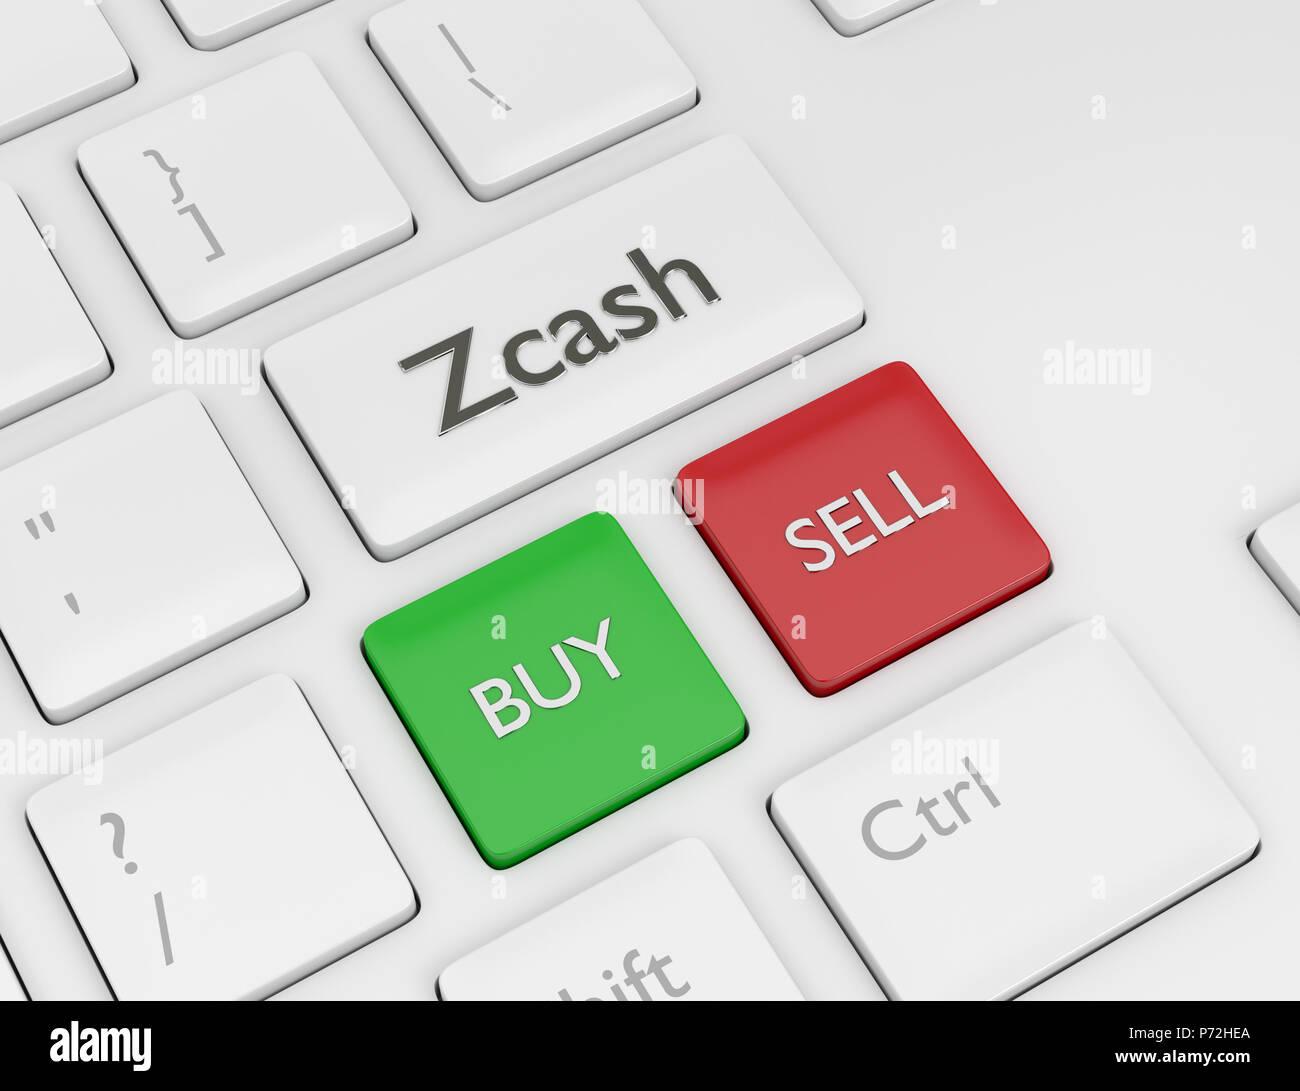 3D render of clavier de l'ordinateur avec Zcash bouton. Concept Cryptocurrencies. Photo Stock